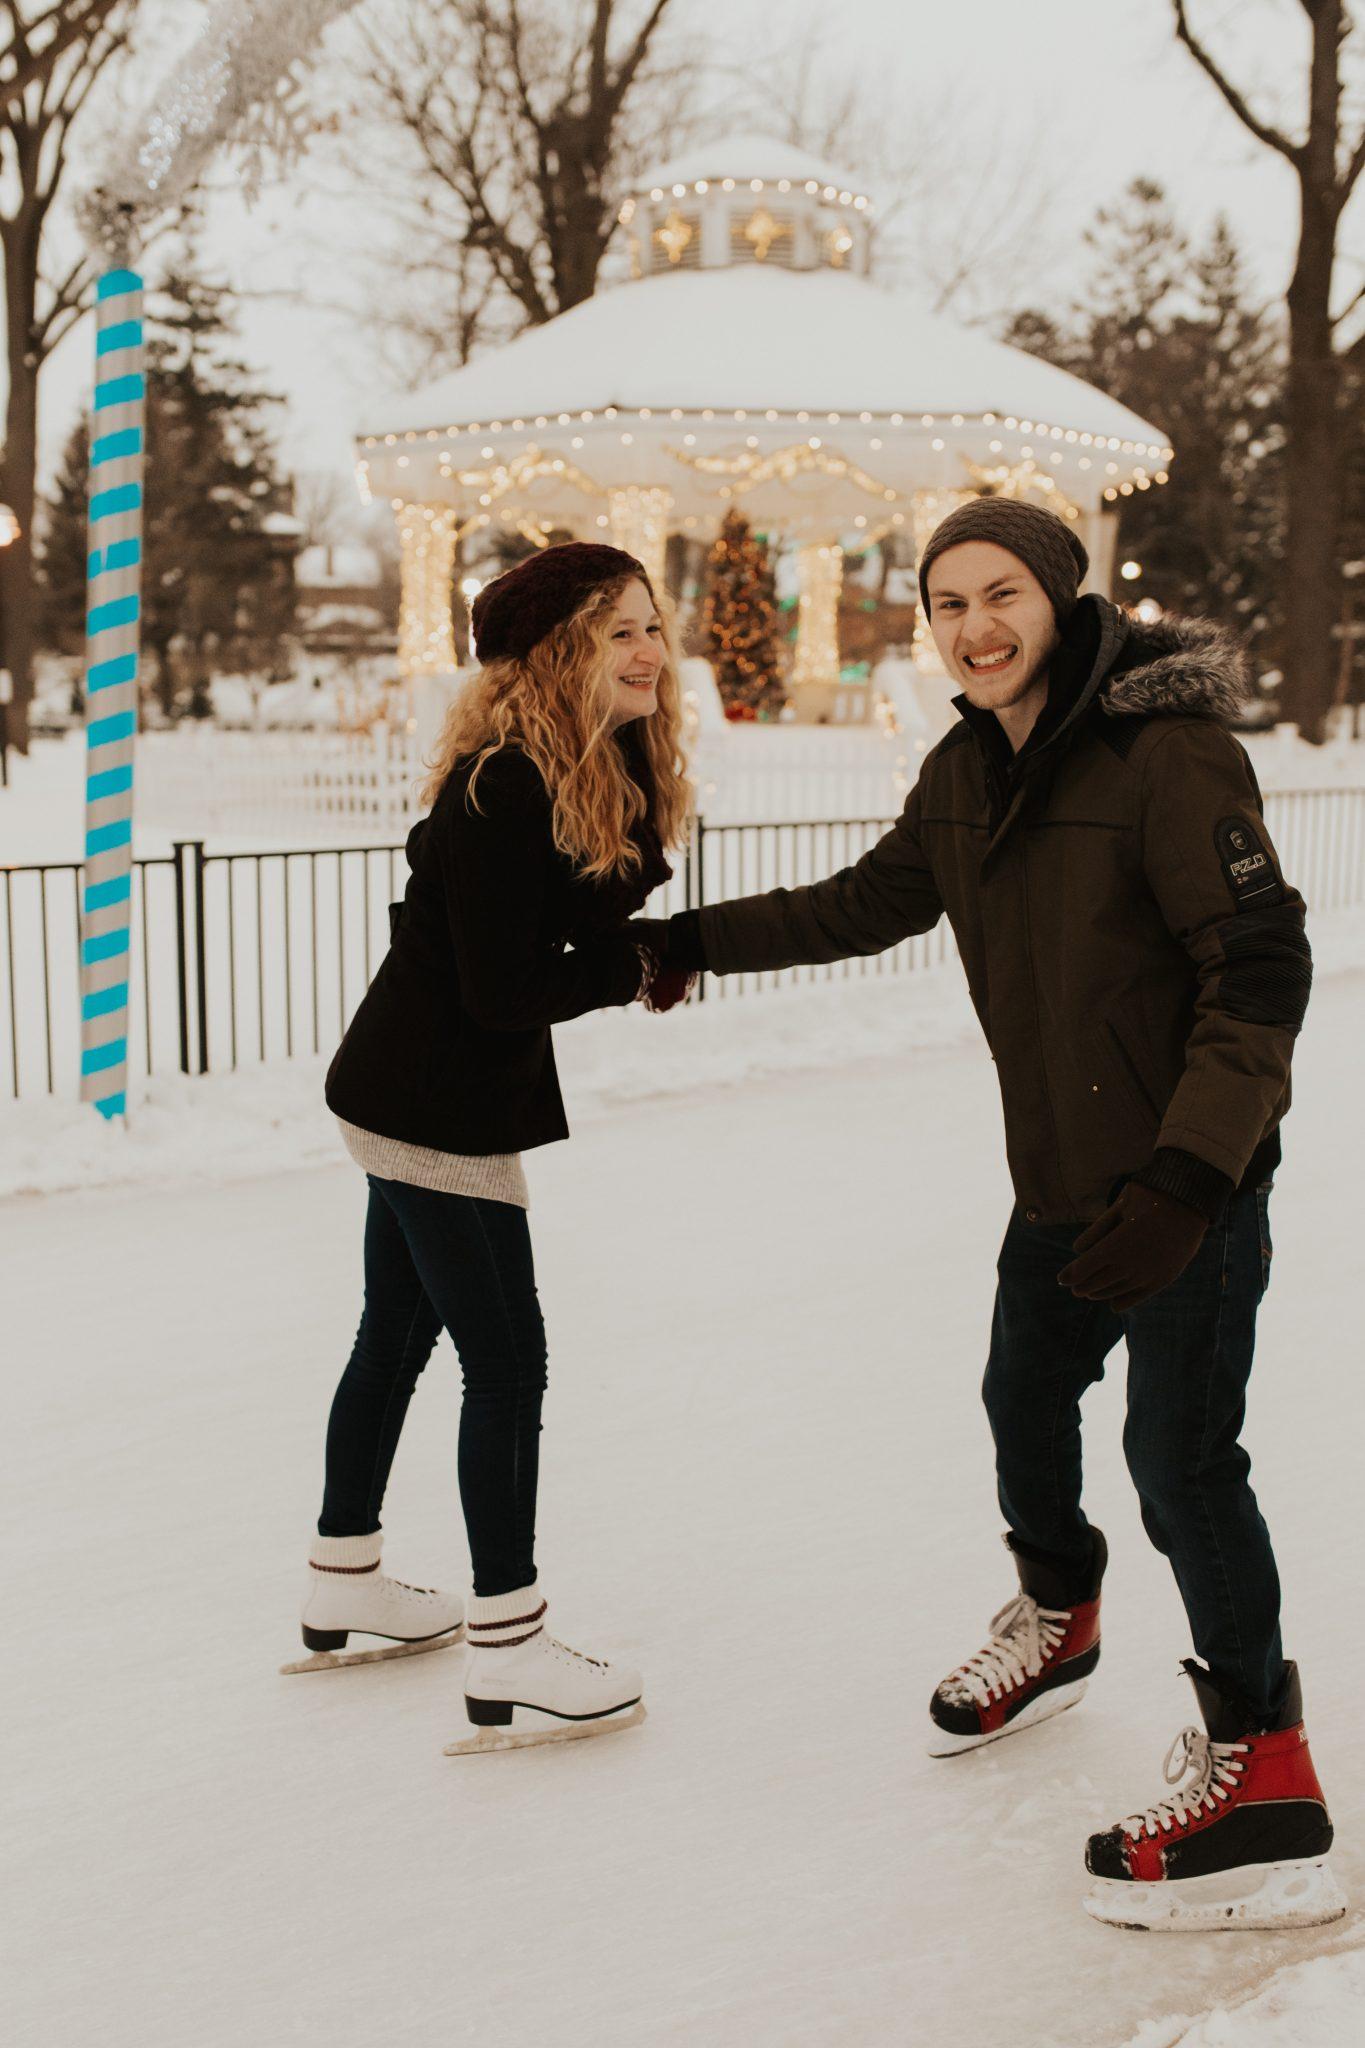 engagement skating